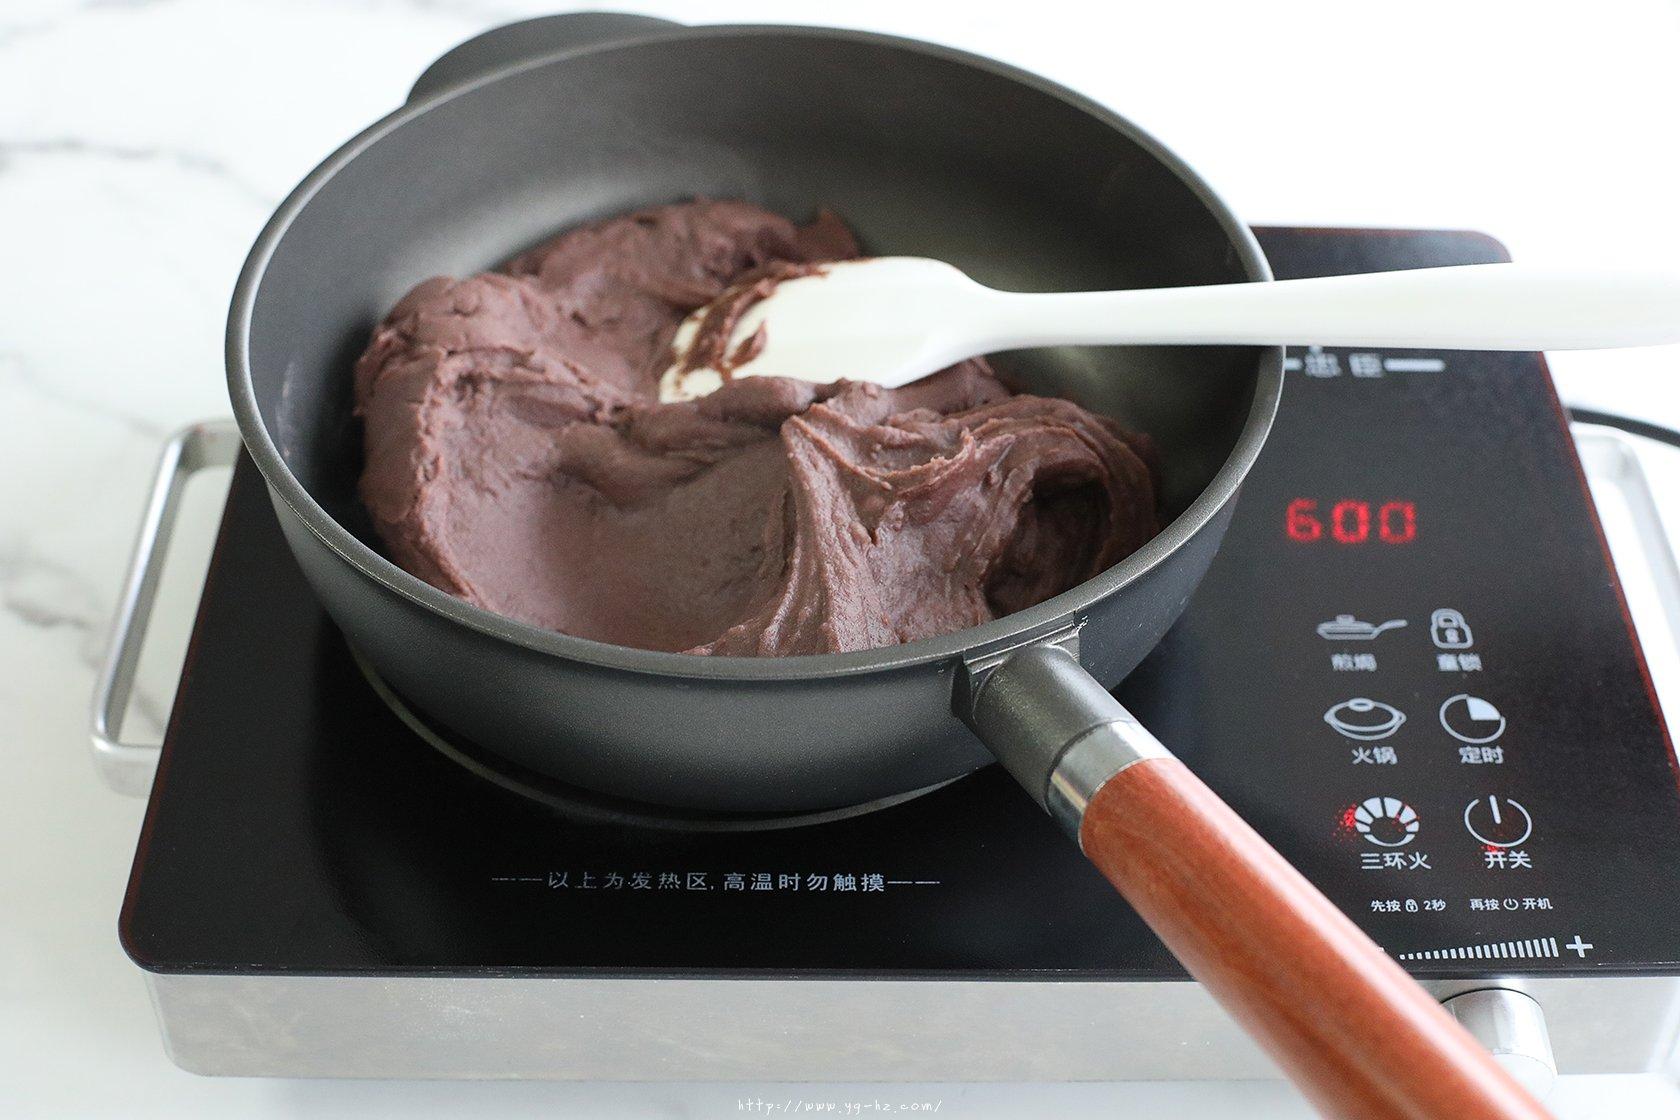 自制低油玫瑰豆沙【适合包子、青团、面包等】的做法 步骤6